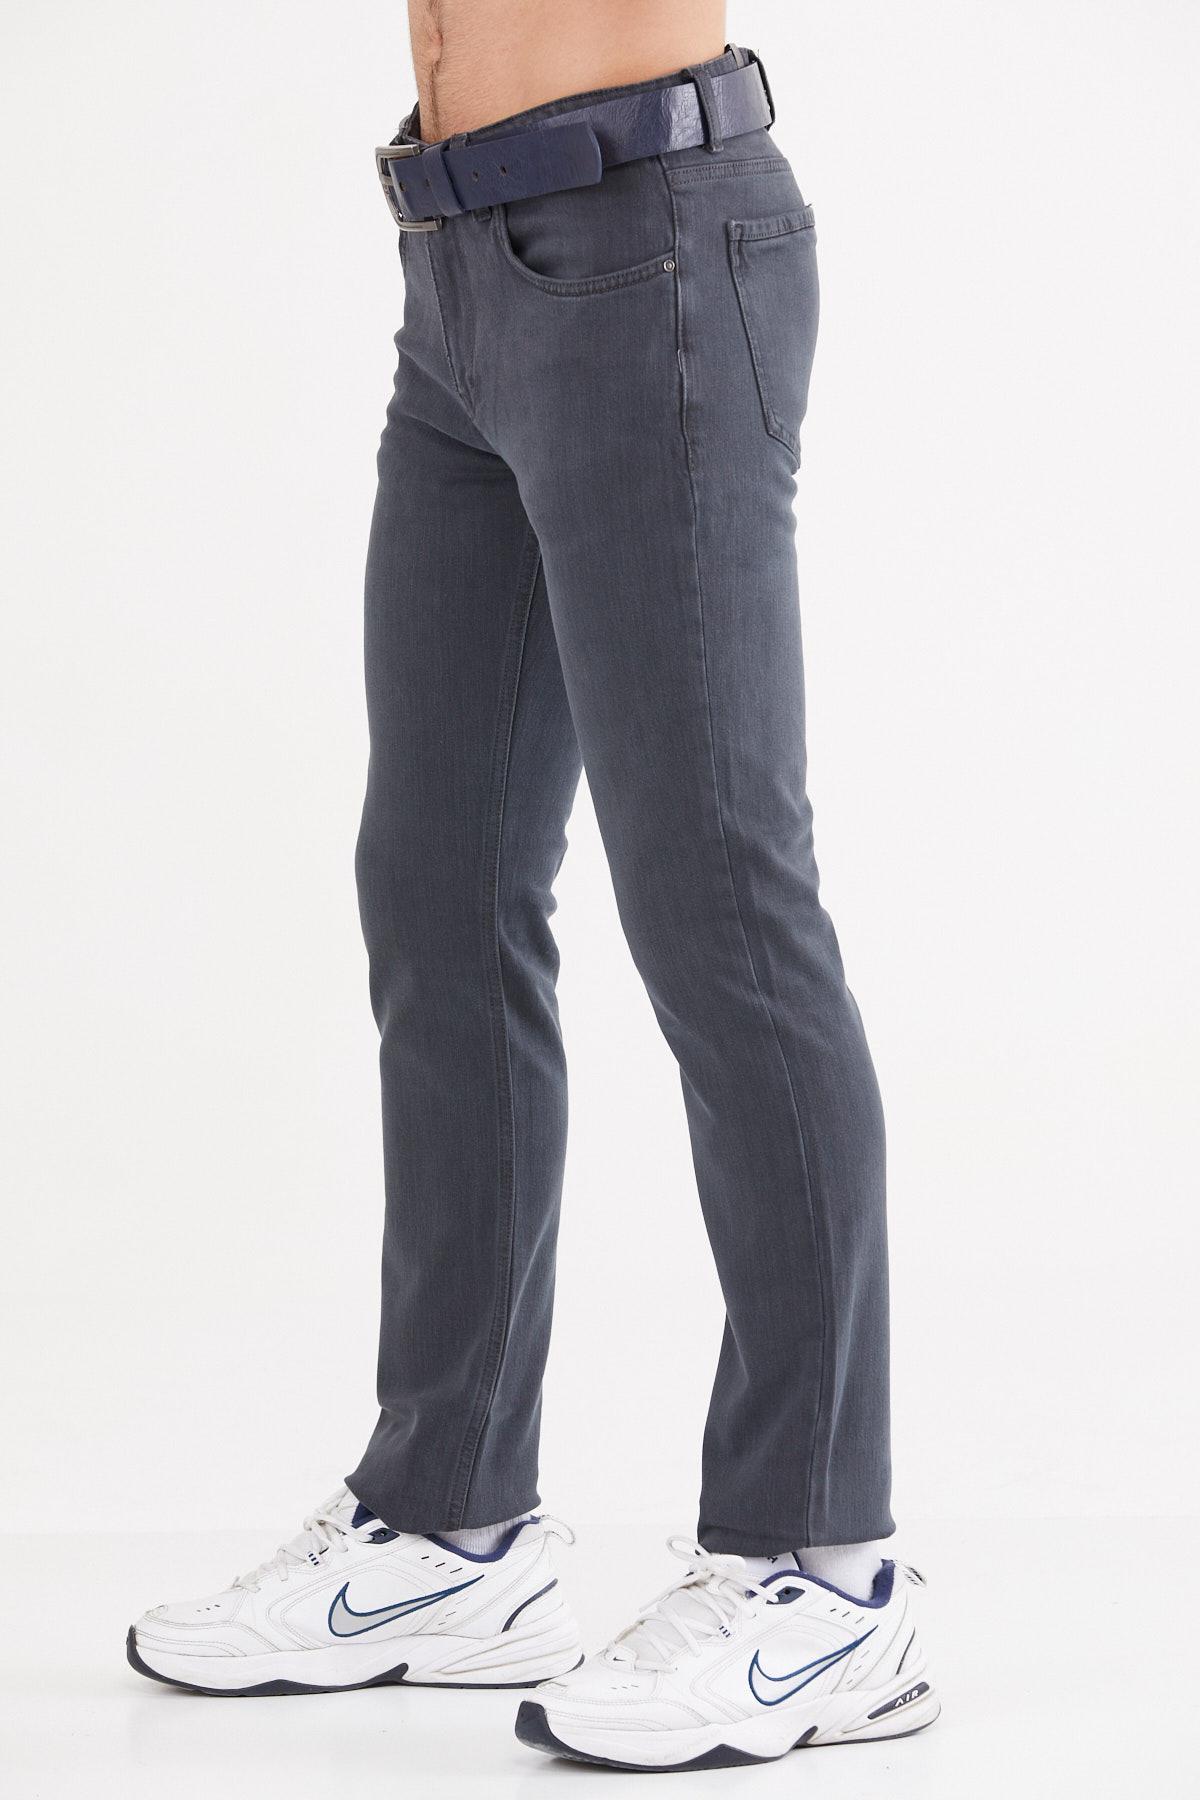 Milano Denso 6839201 (1) АНТРАЦИТ Мyжские брюки